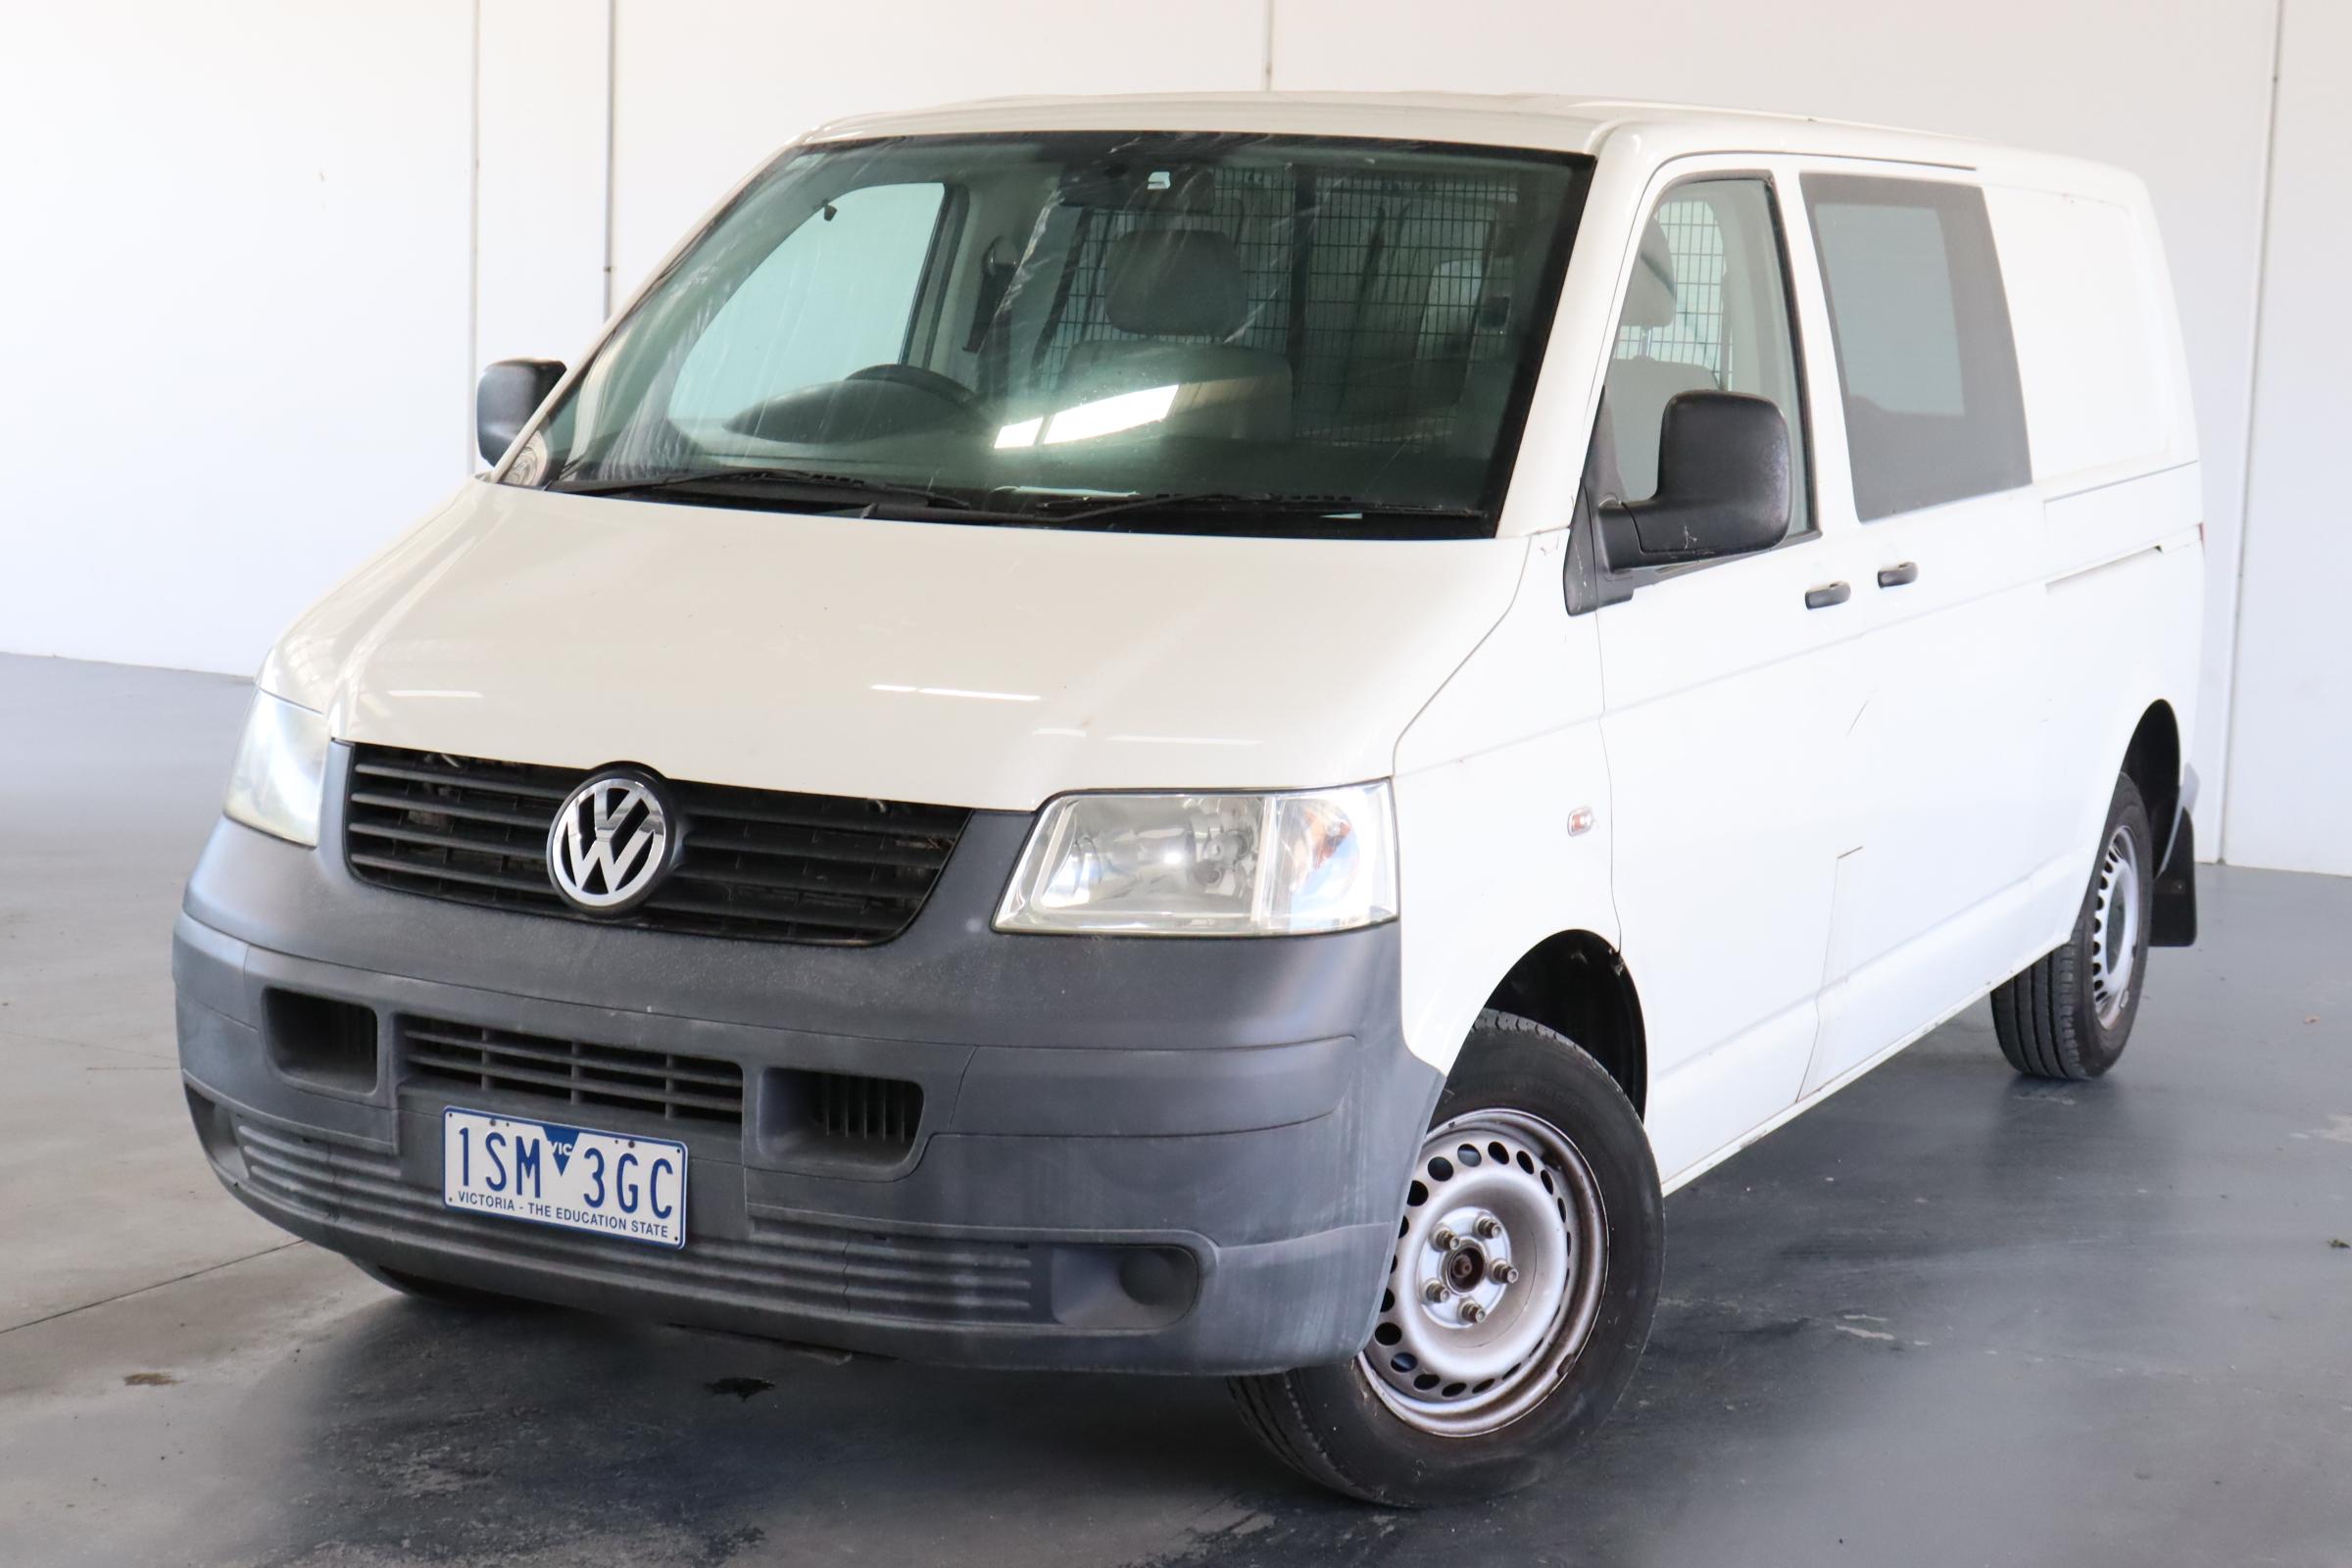 2010 Volkswagen Transporter (LWB) T5 Turbo Diesel Automatic Van